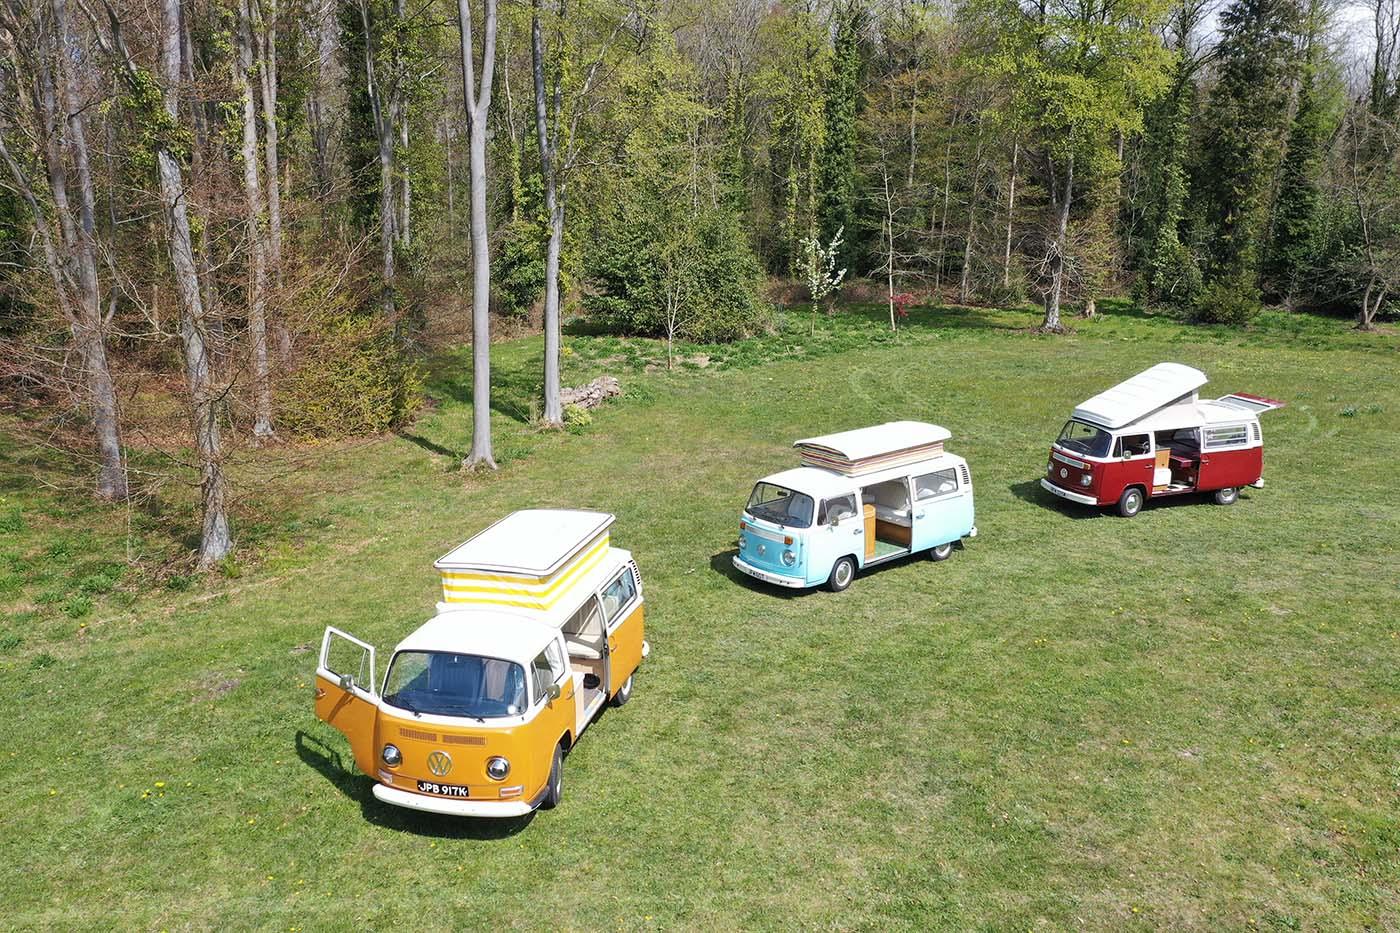 3 vw campervans